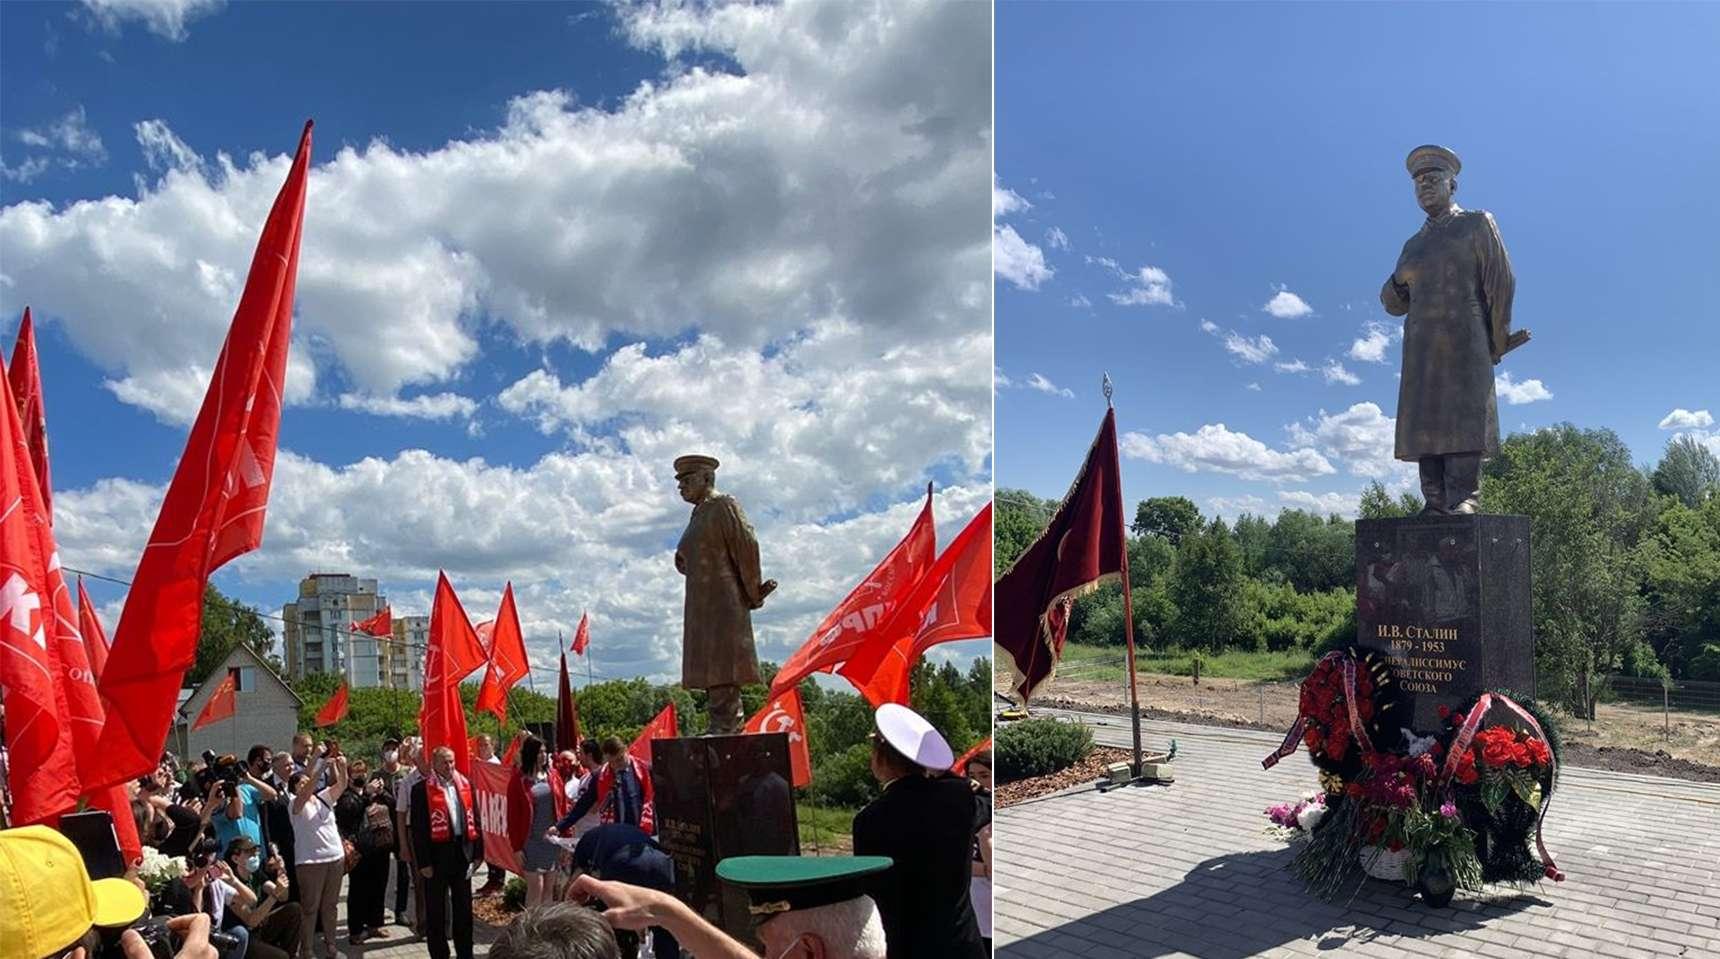 Μνημείο Στάλιν Νίζνι Νόβγκοροντ Nizhny Novgorod